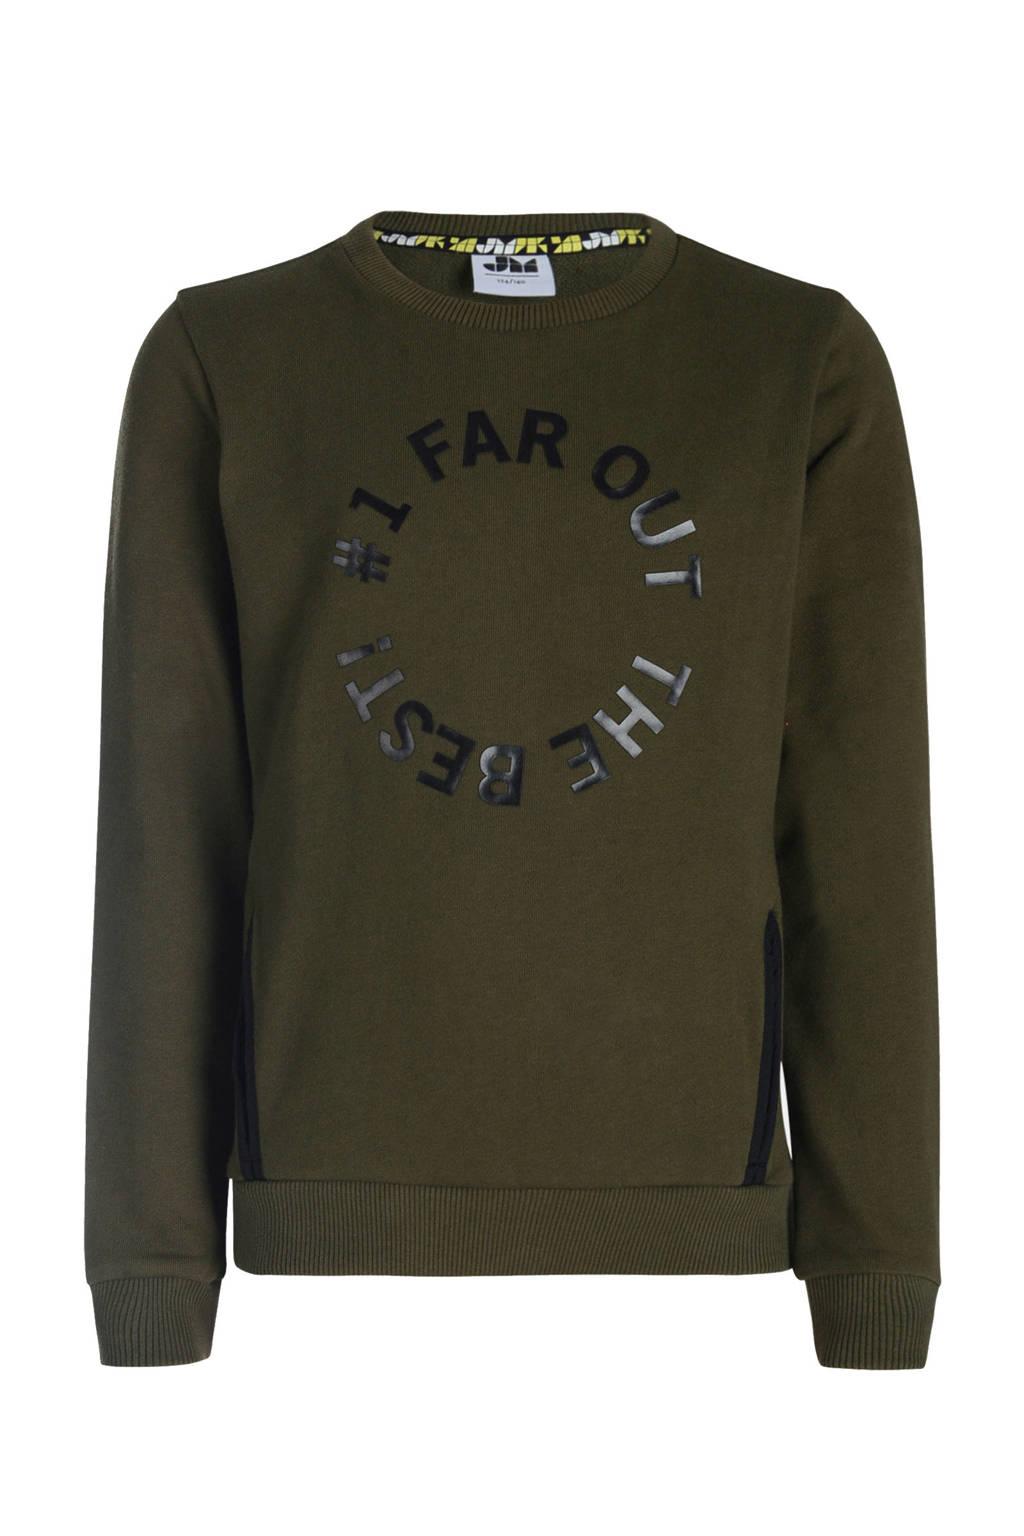 Mitch sweater met tekst army groen/zwart, Army groen/zwart